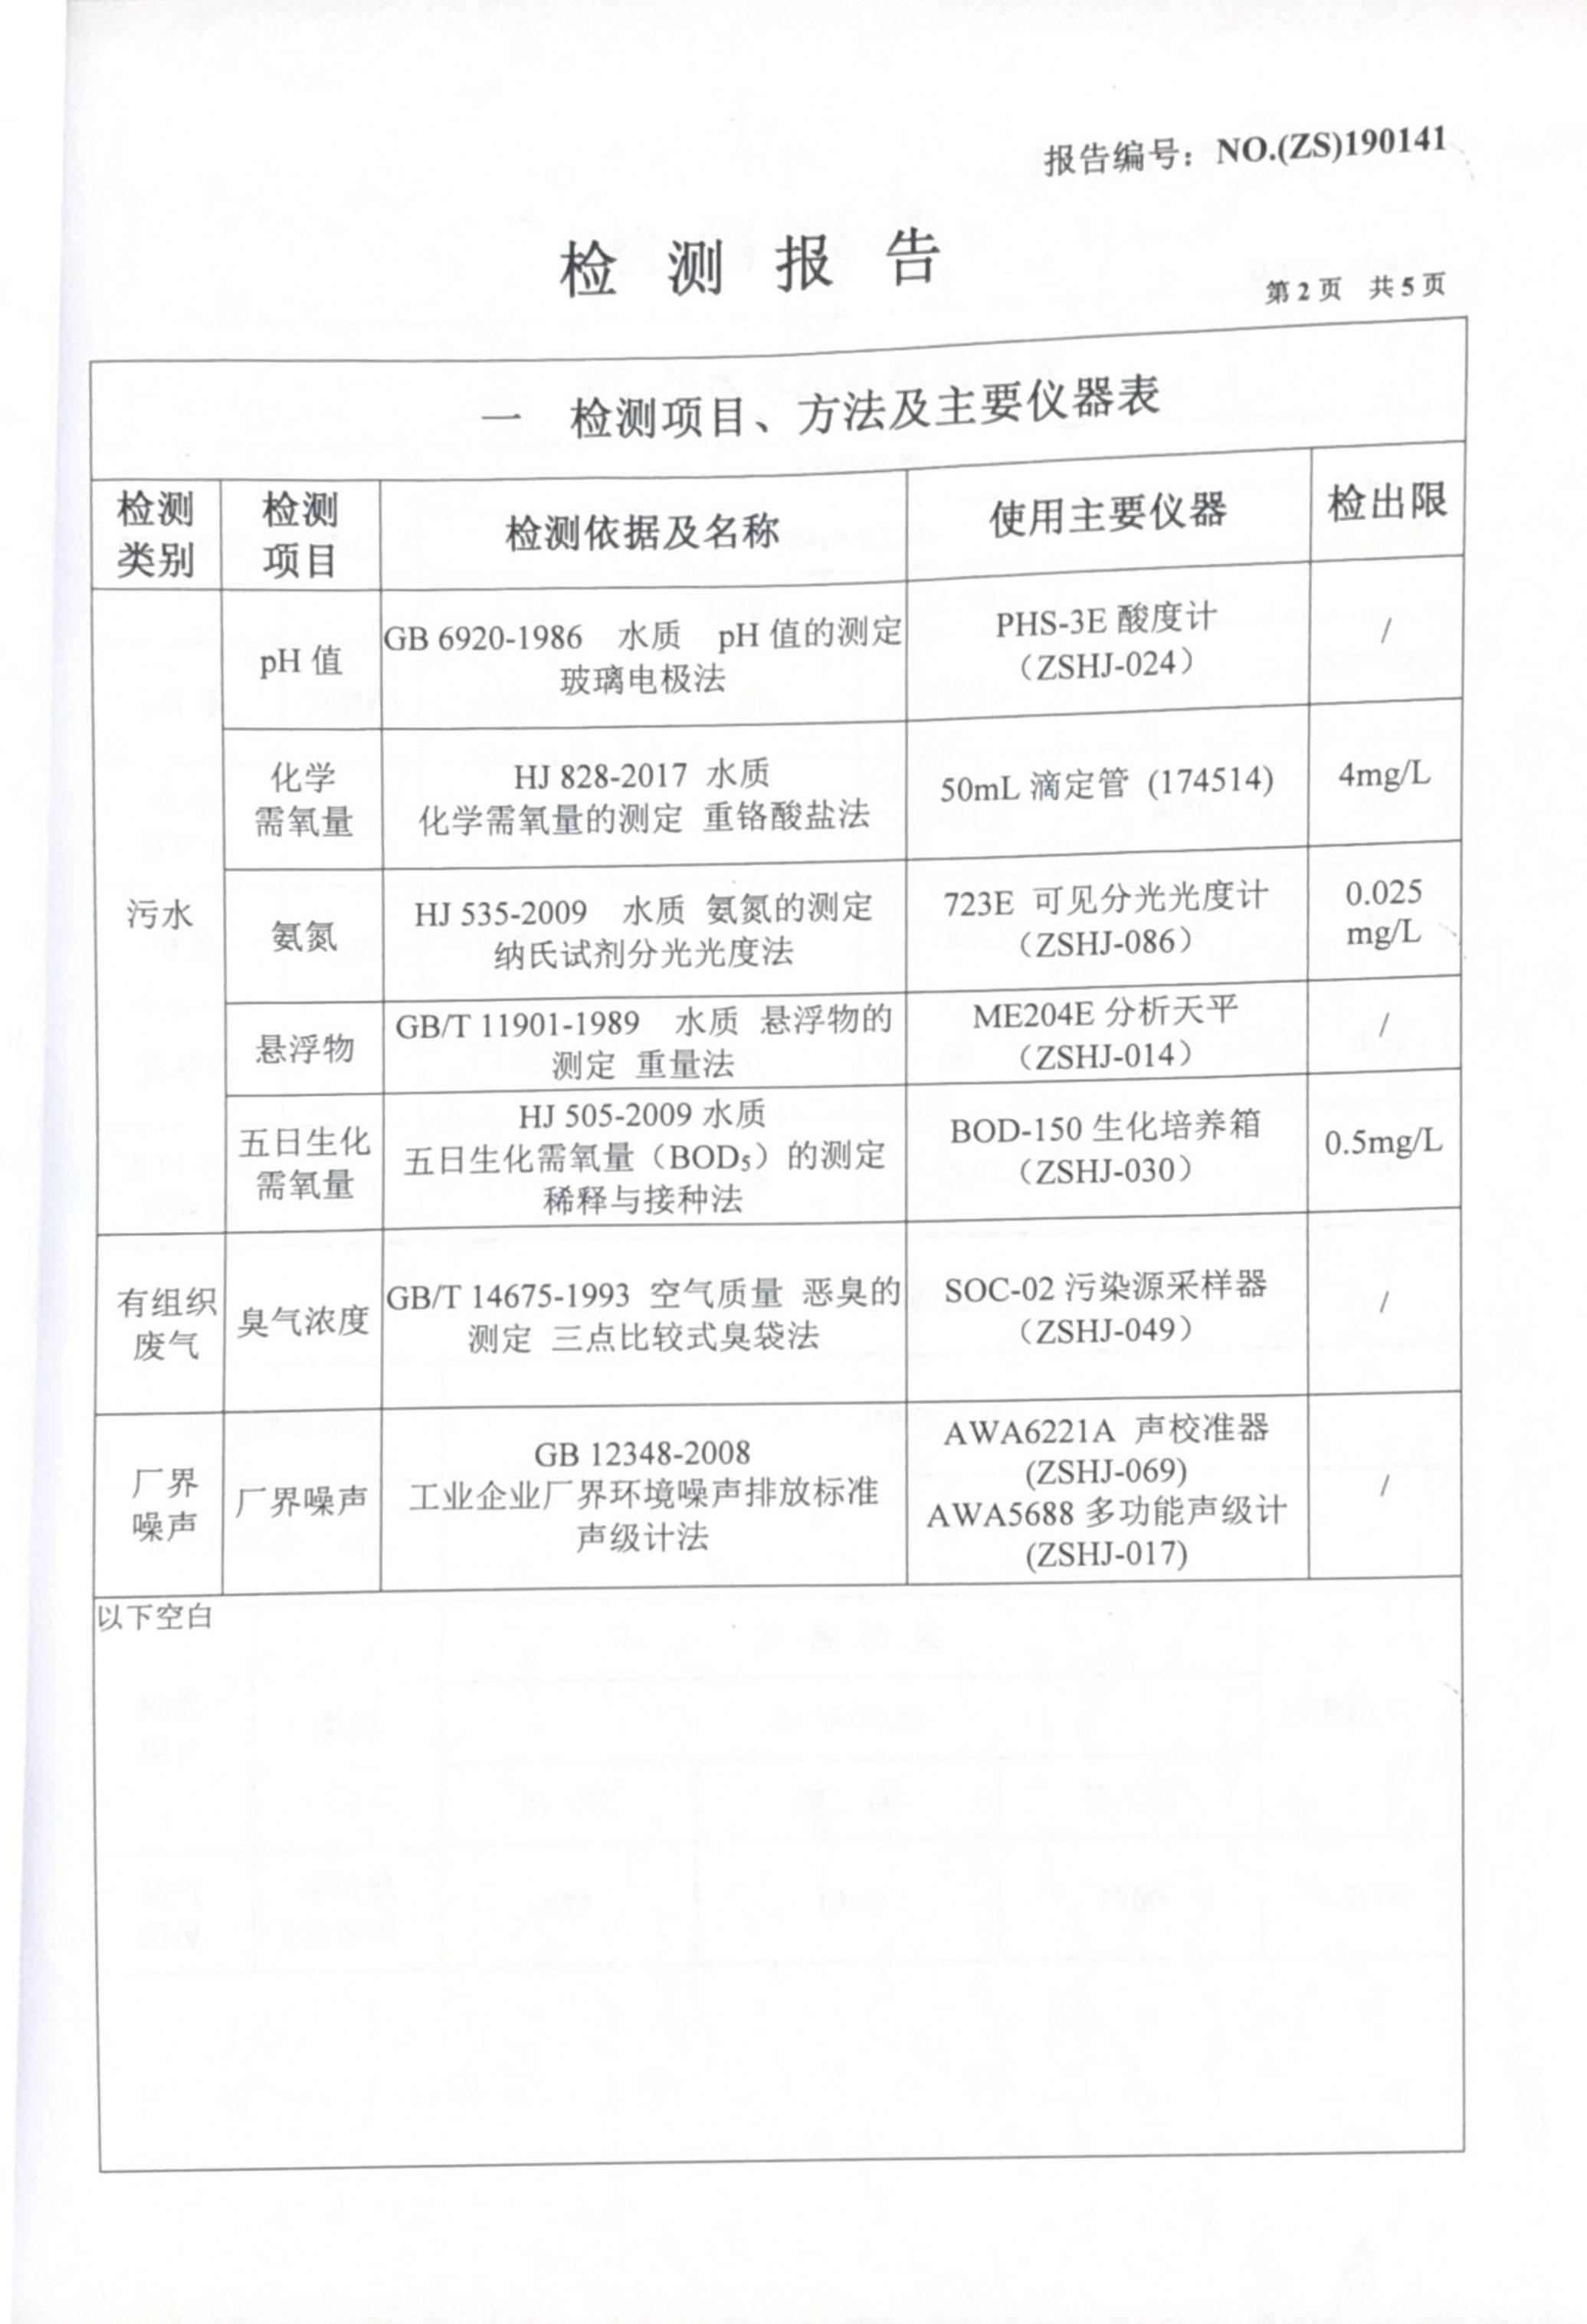 青岛海诺生物工程有限公司自行检测报告-4